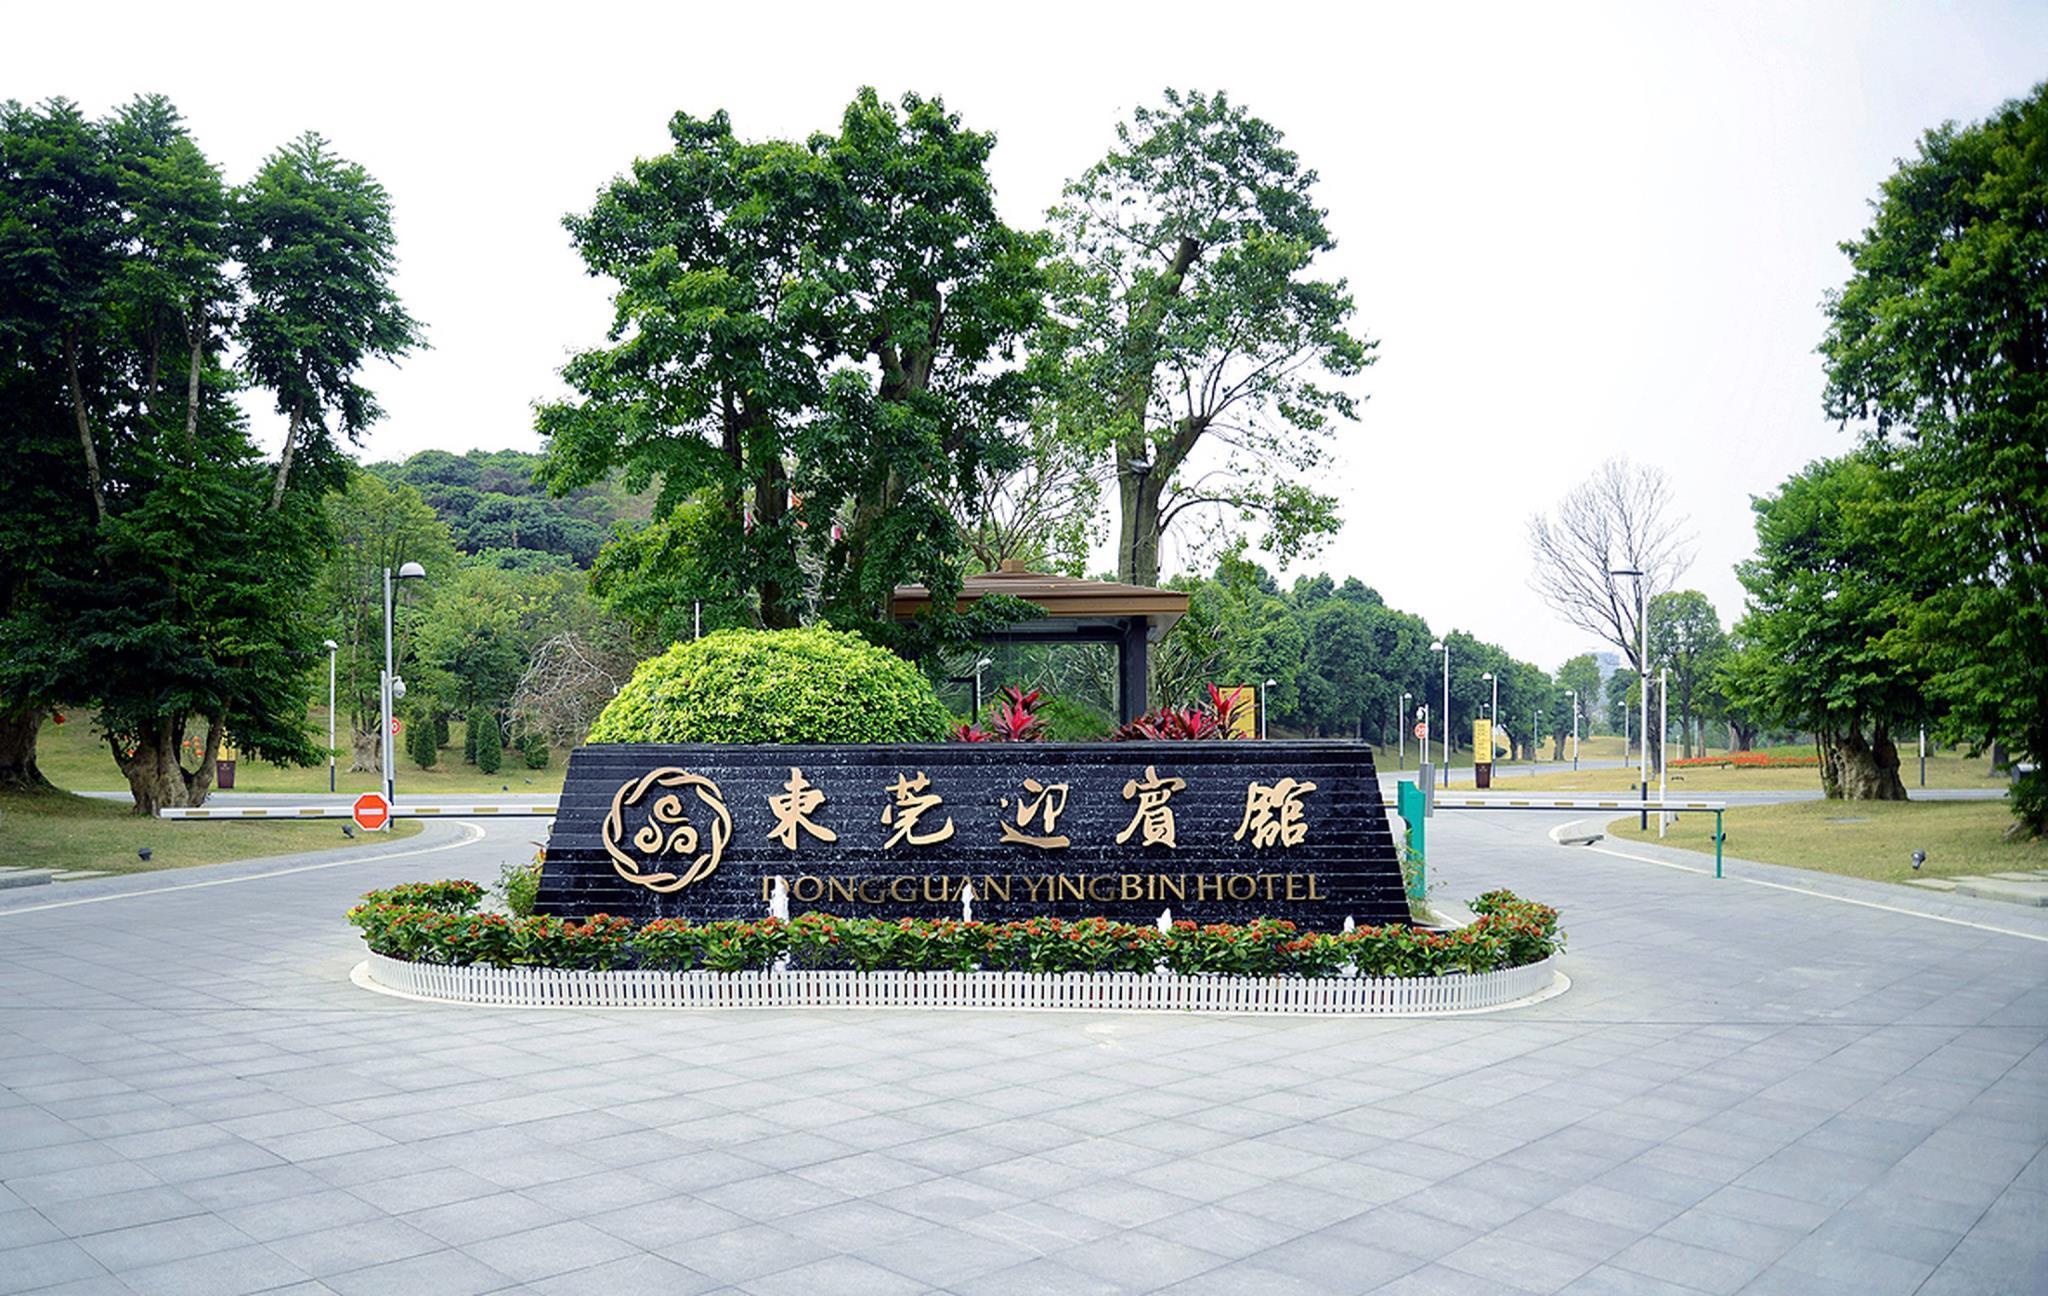 Dongguan Yingbin Hotel